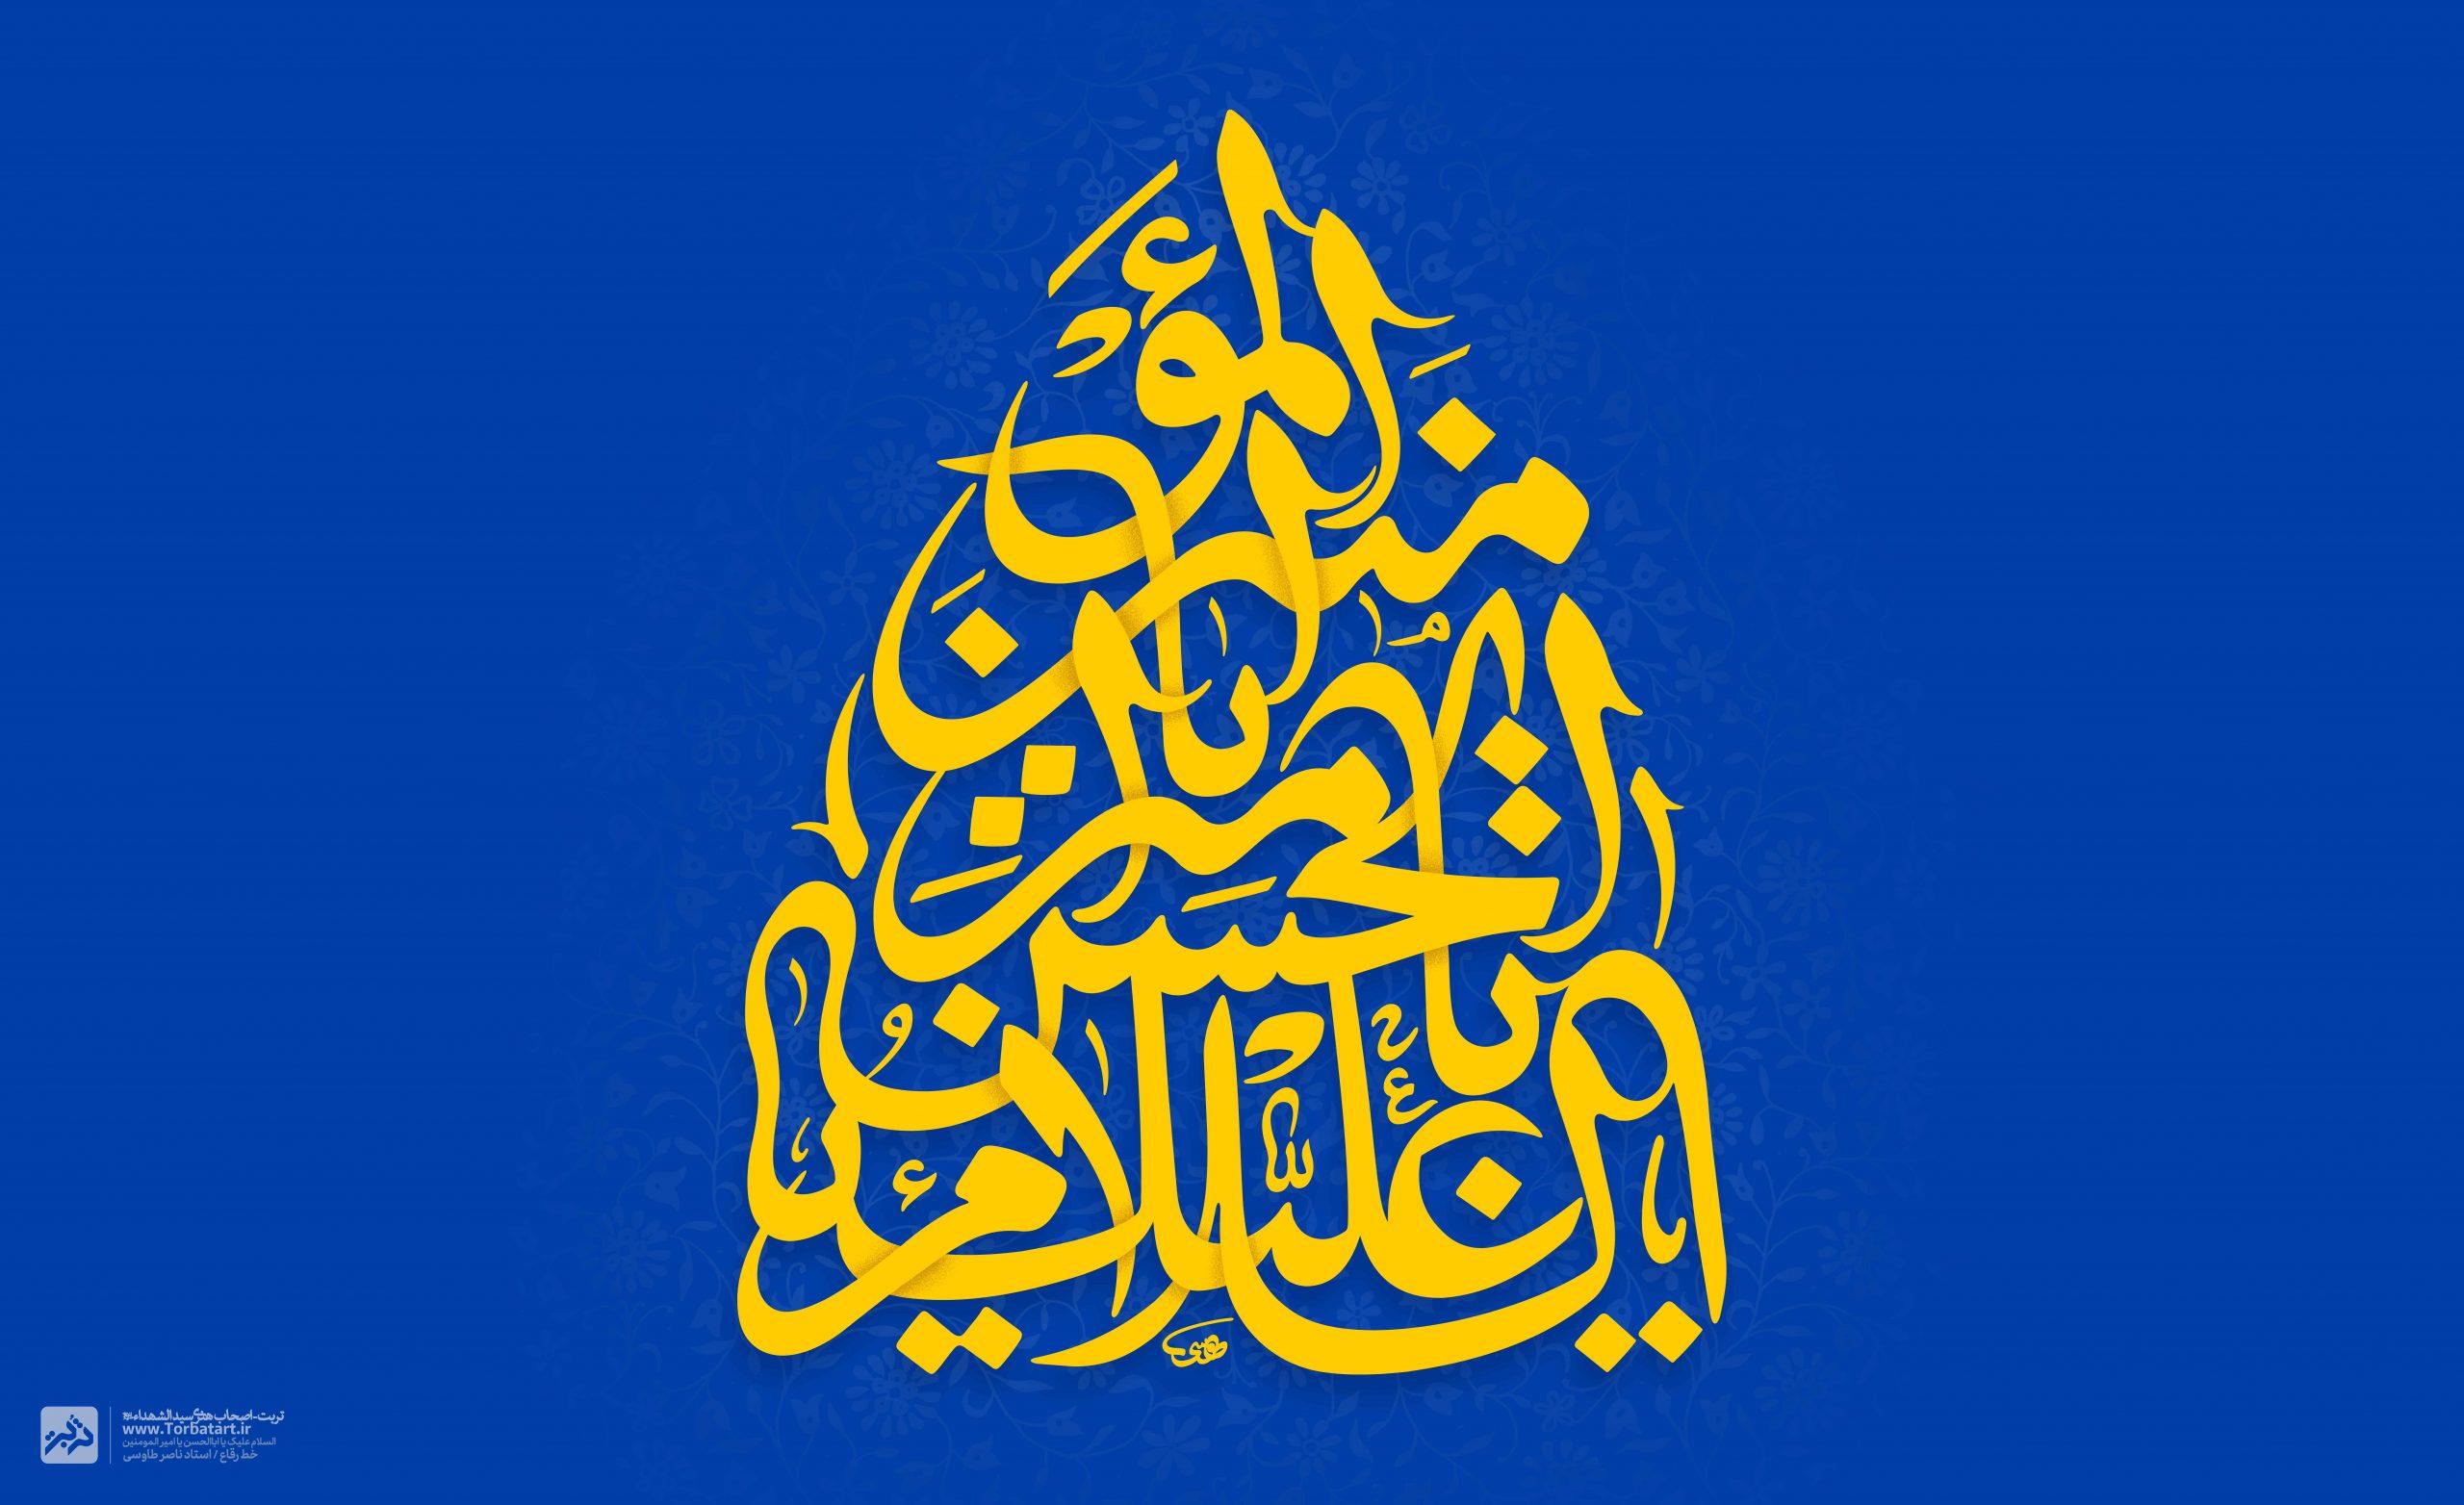 السلام علیک یا اباالحسن یا امیر المومنین